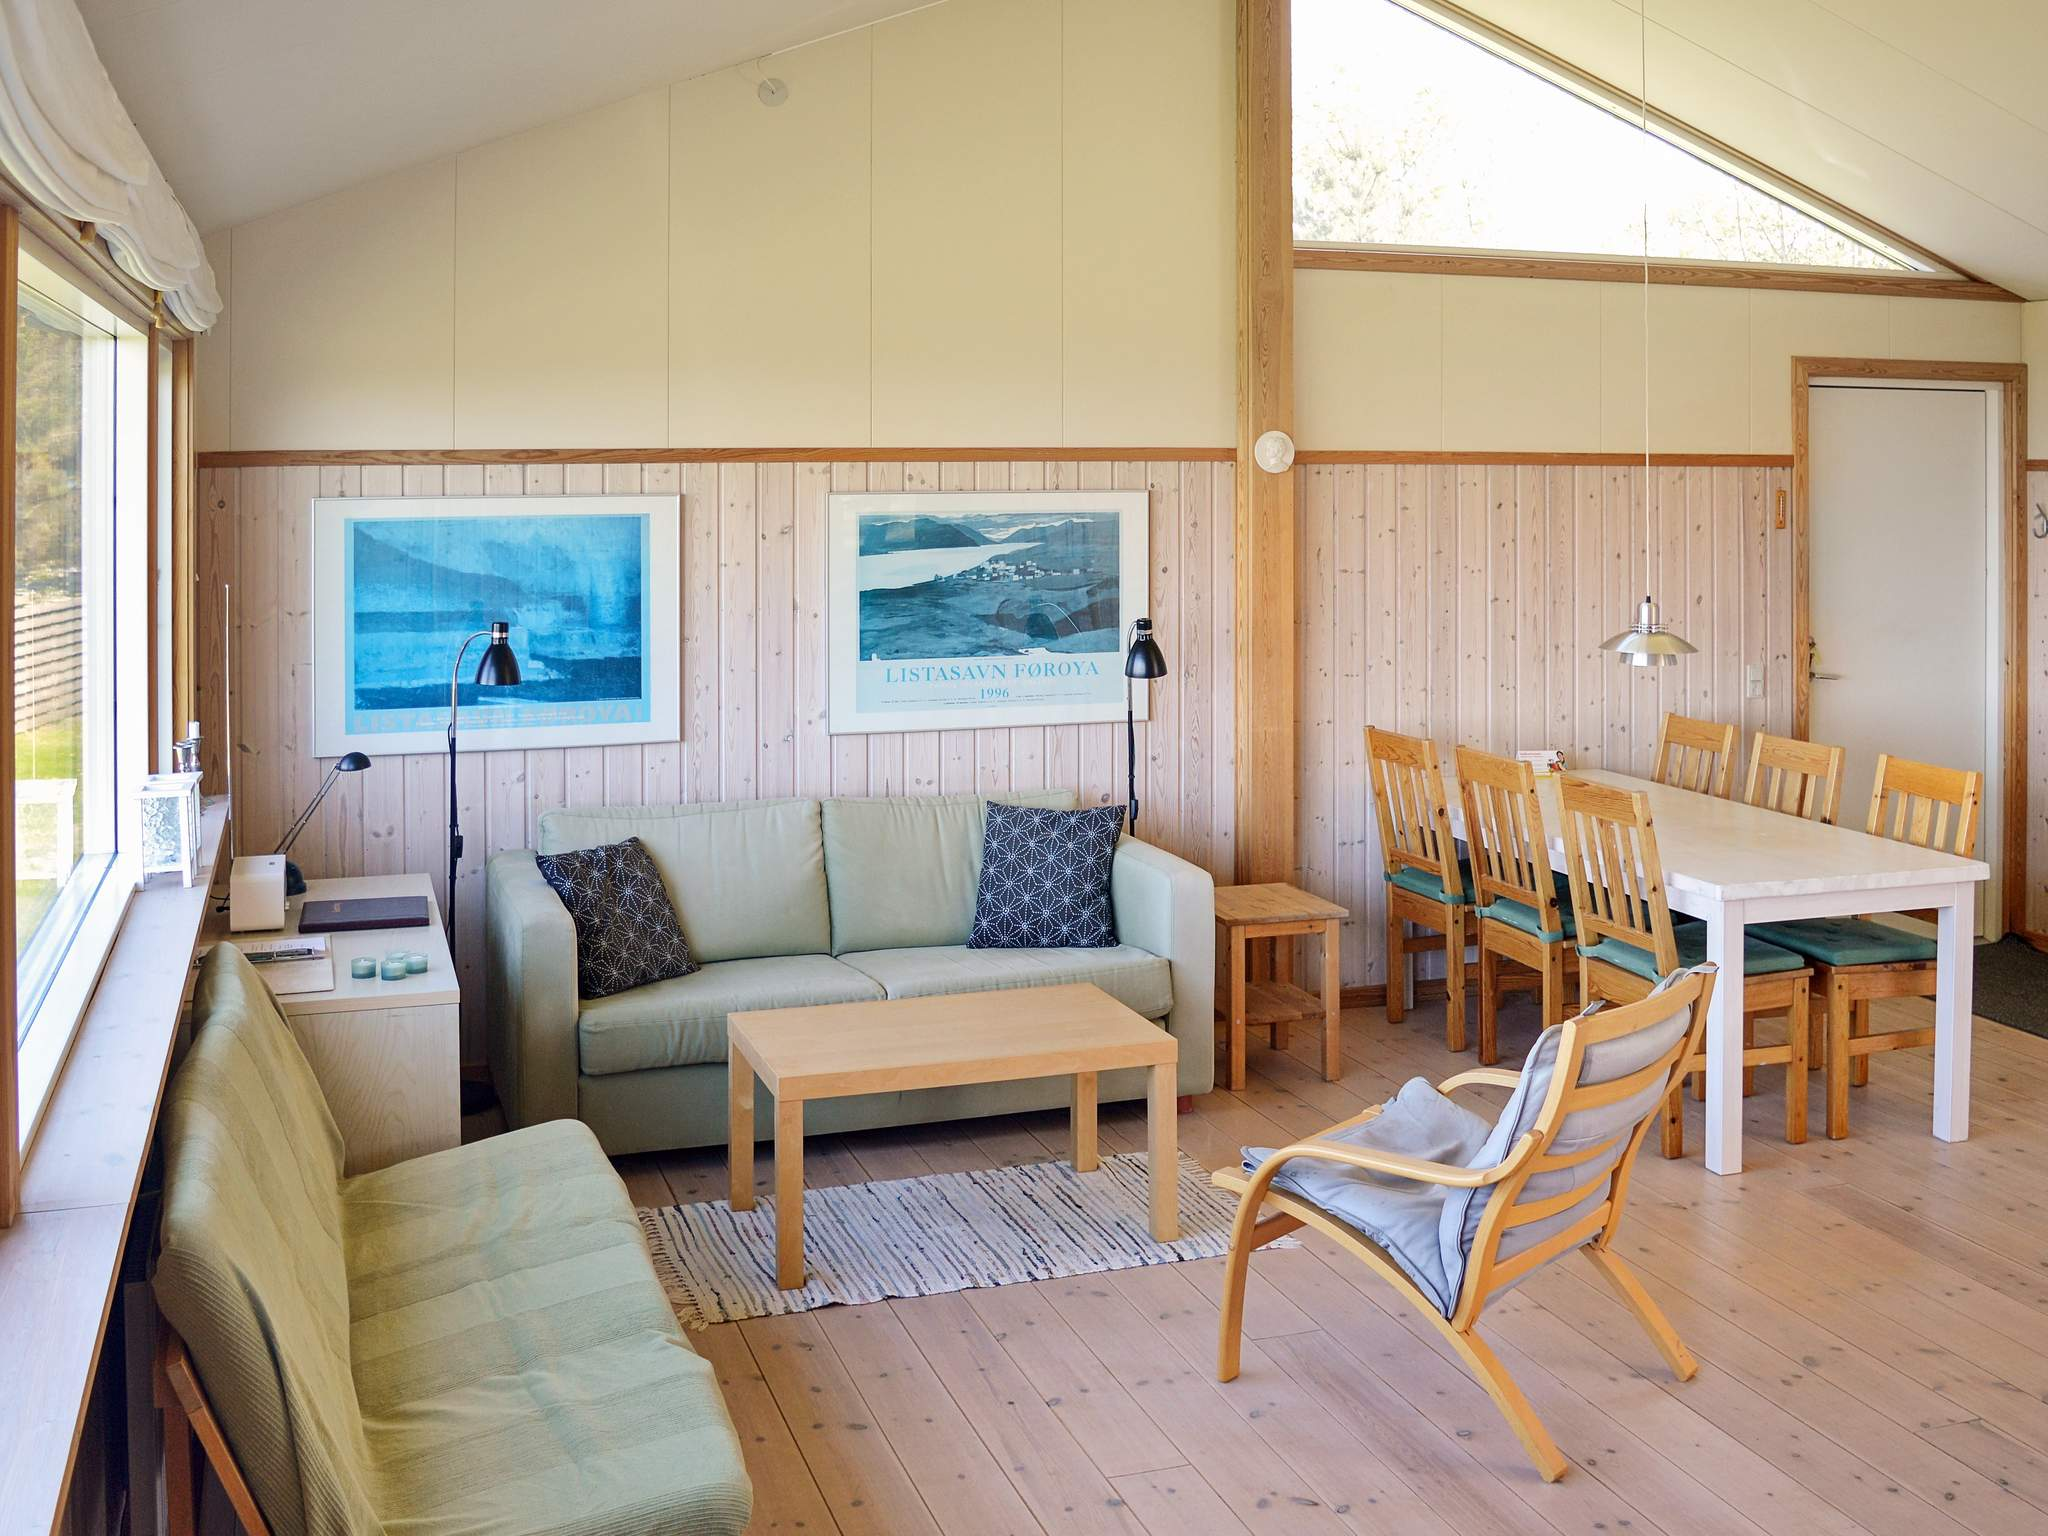 Ferienhaus Veddinge Bakker (2354175), Veddinge, , Westseeland, Dänemark, Bild 5